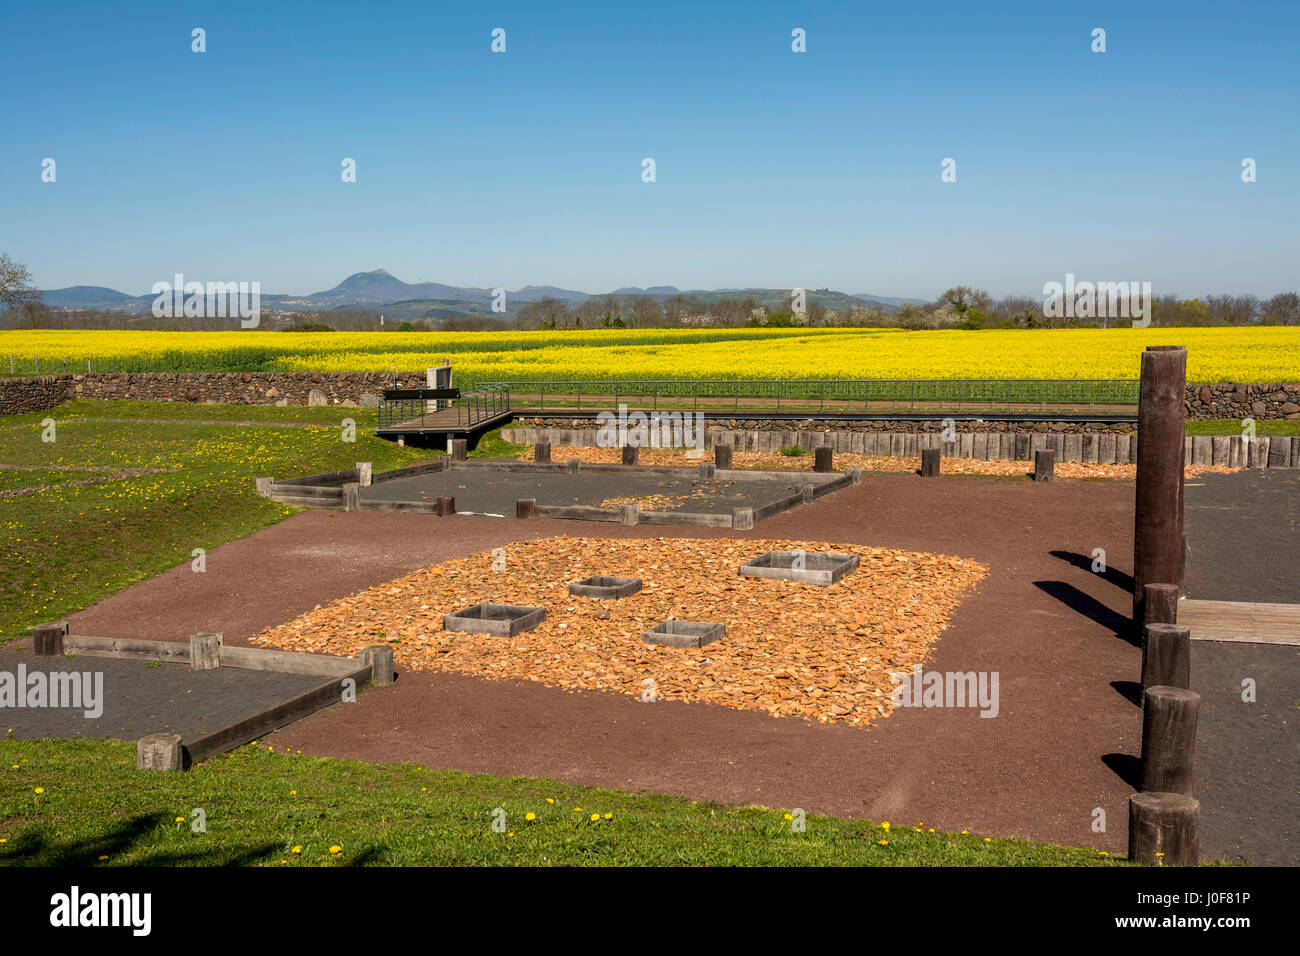 Oppidum gaulois de Corent, site archéologique, Puy de Dome, France, Europe Banque D'Images